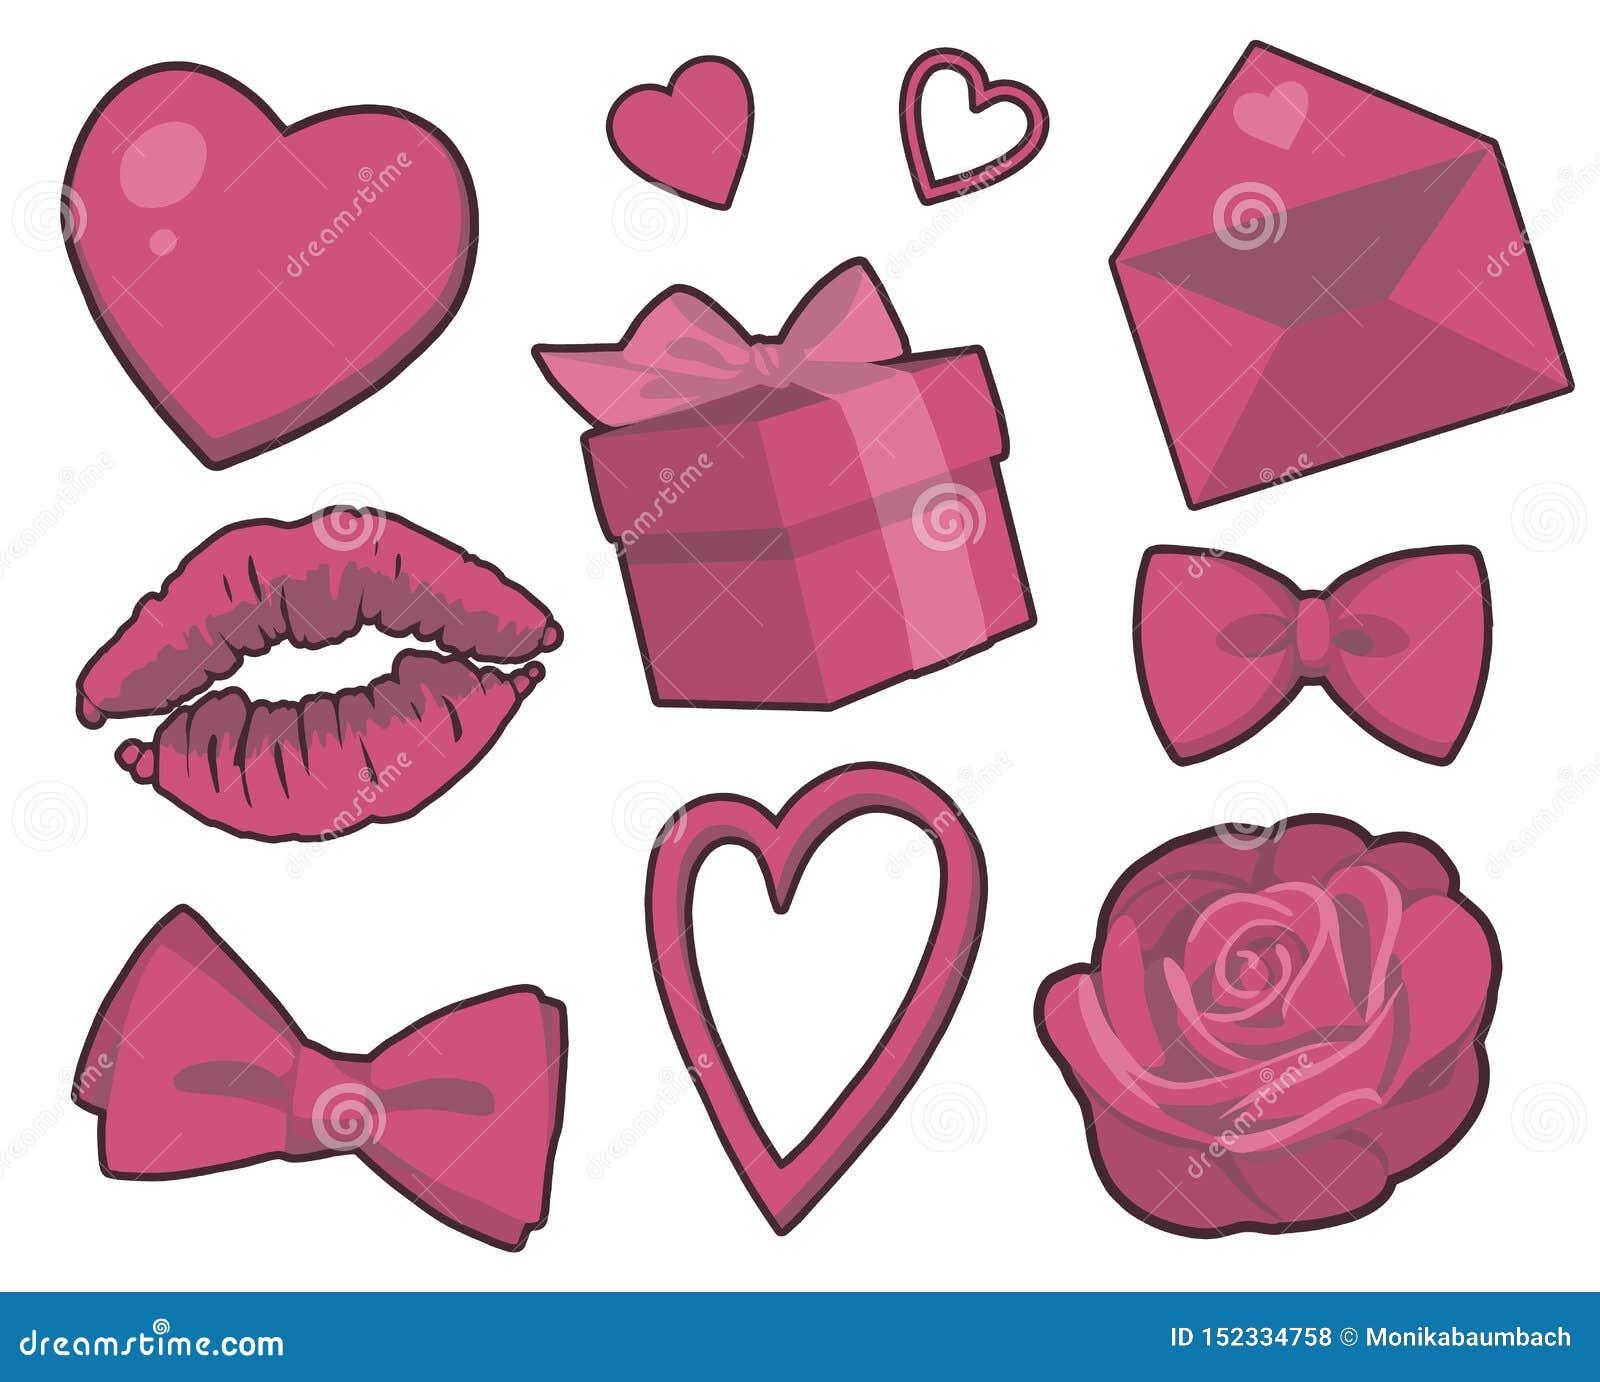 Colección del vector de la tarjeta del día de San Valentín con los corazones, los regalos, la rosa, el beso de la barra de labios